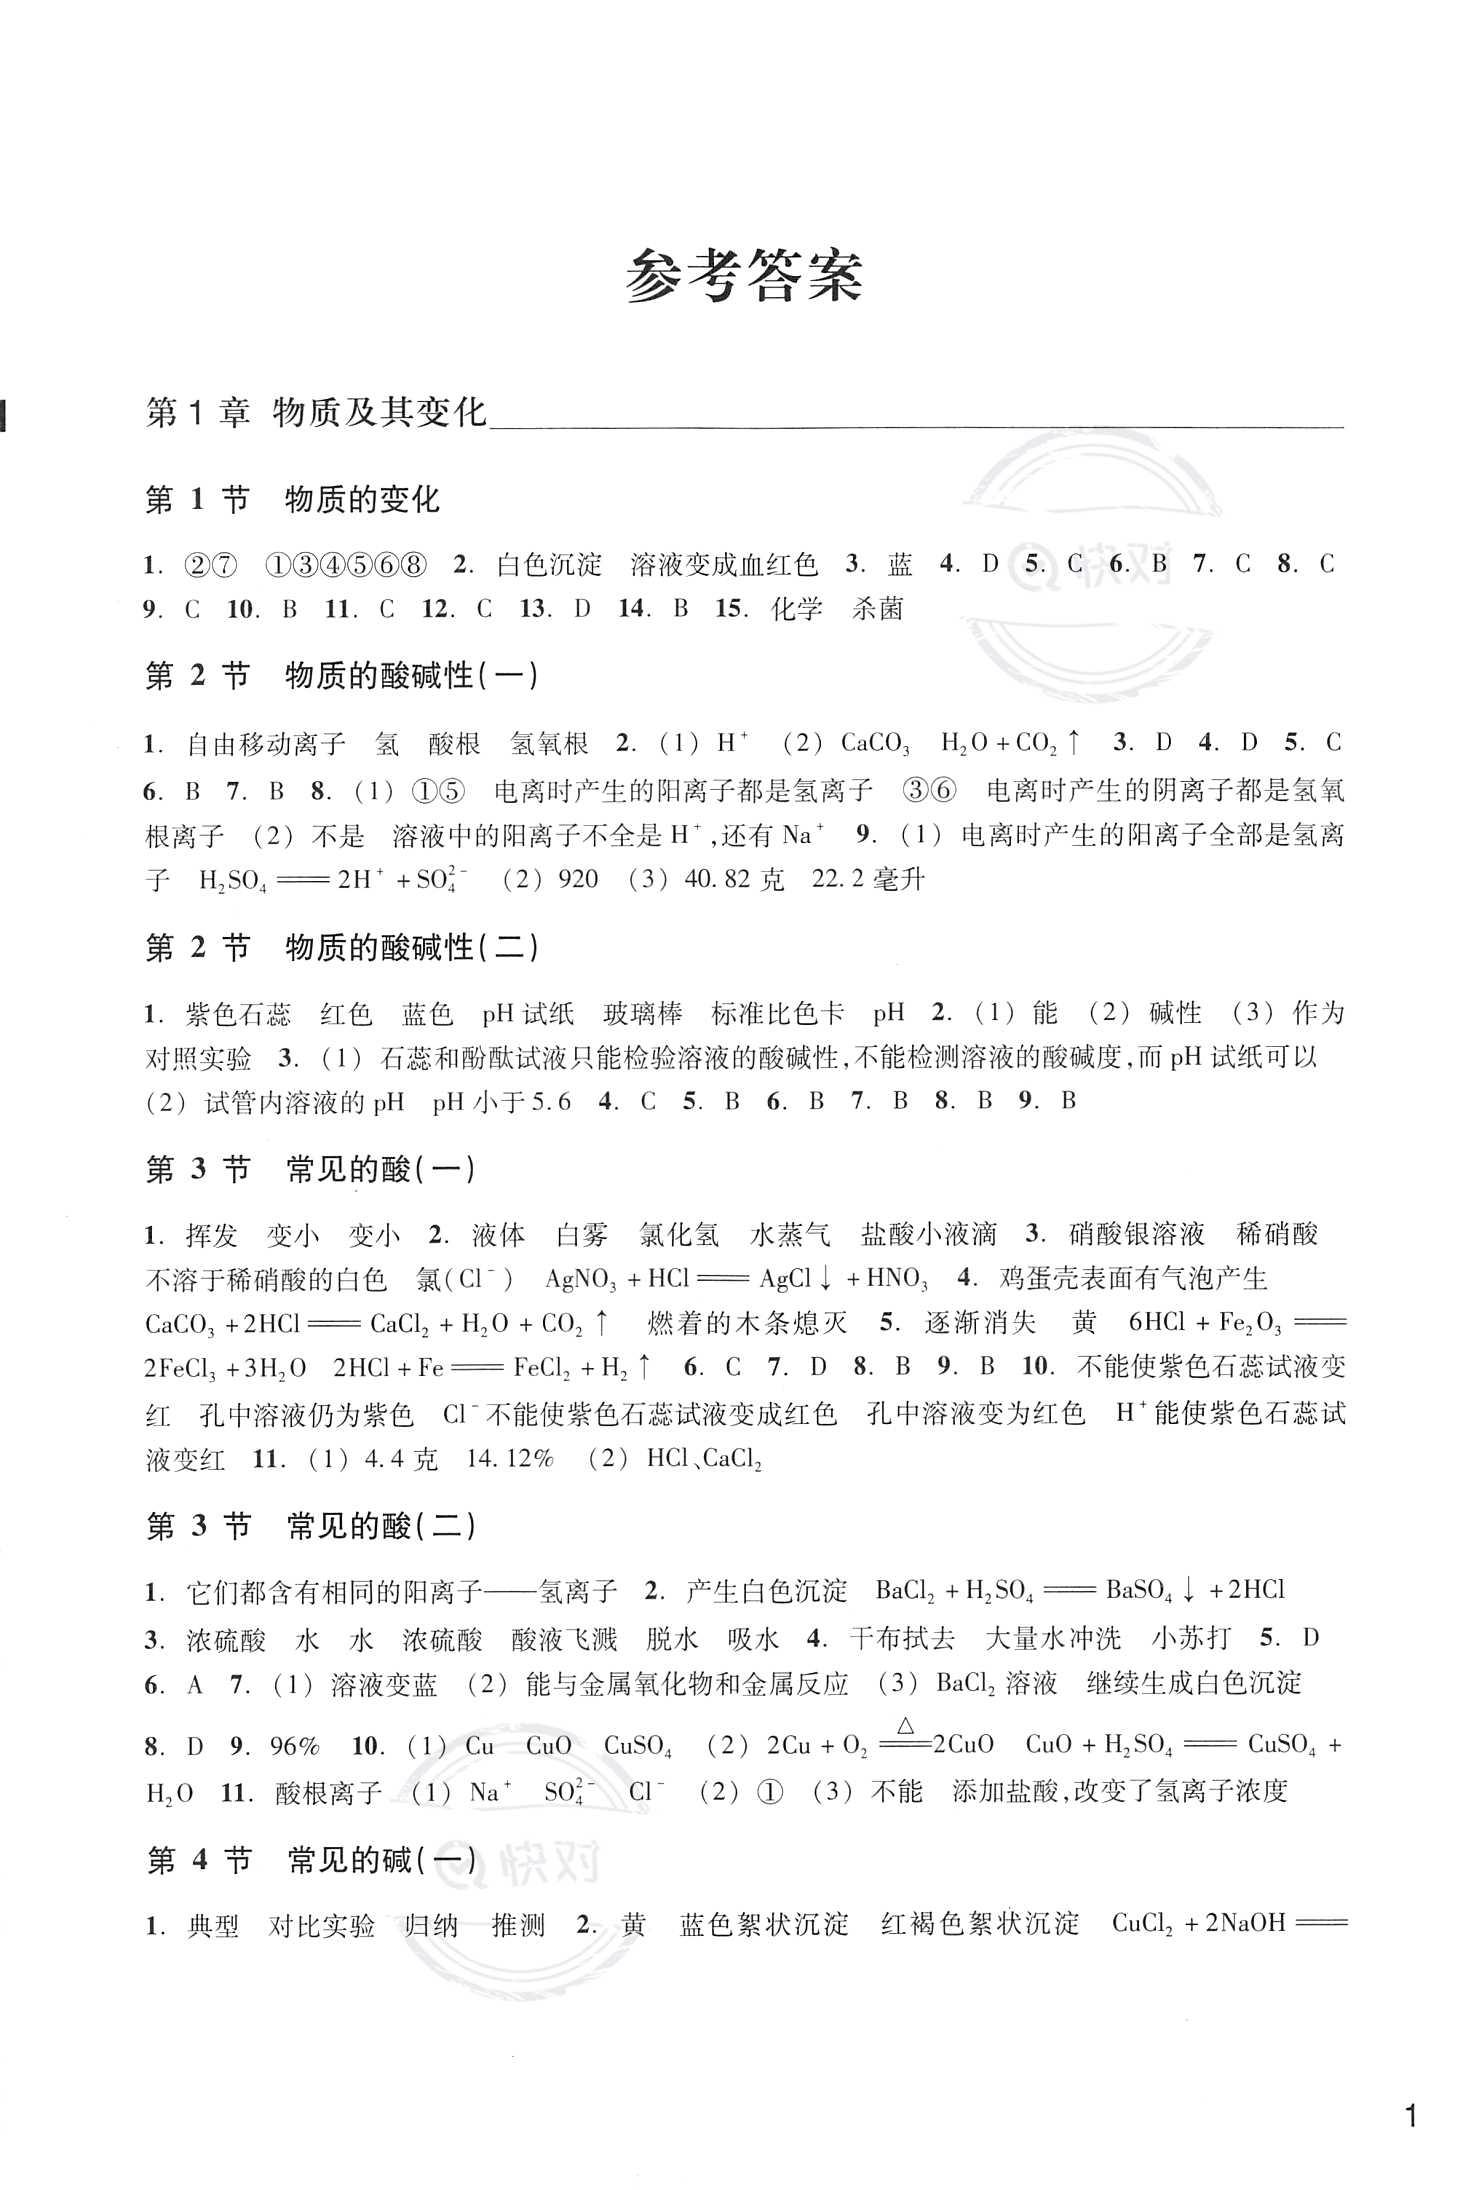 2021年科学作业本(ZH版)九年级科学上册